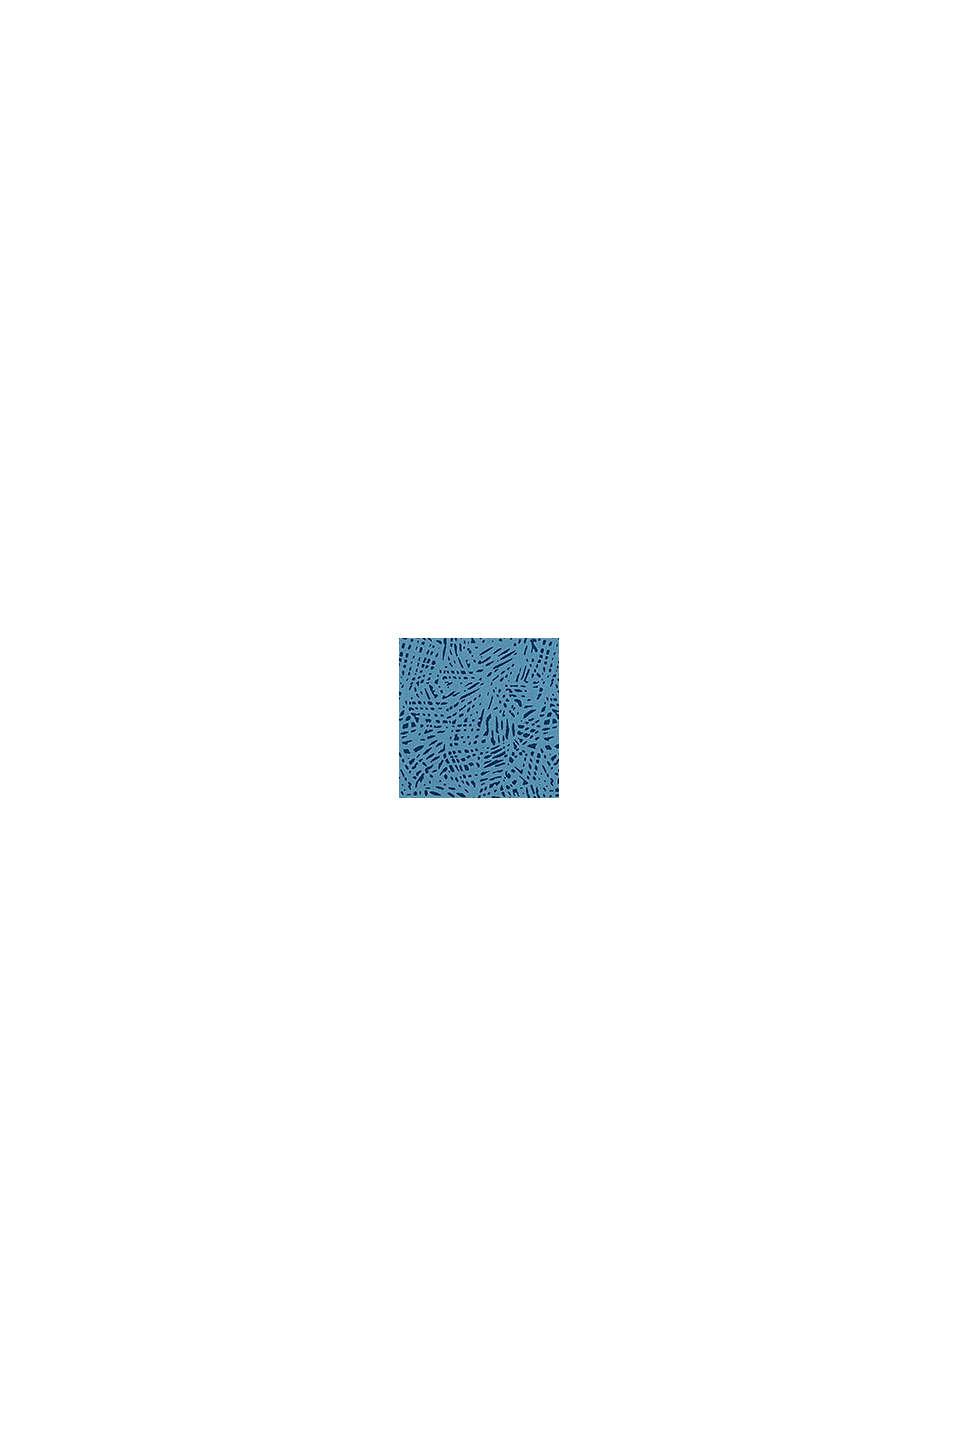 T-Shirt mit Statement-Print, 100% Baumwolle, GREY BLUE, swatch